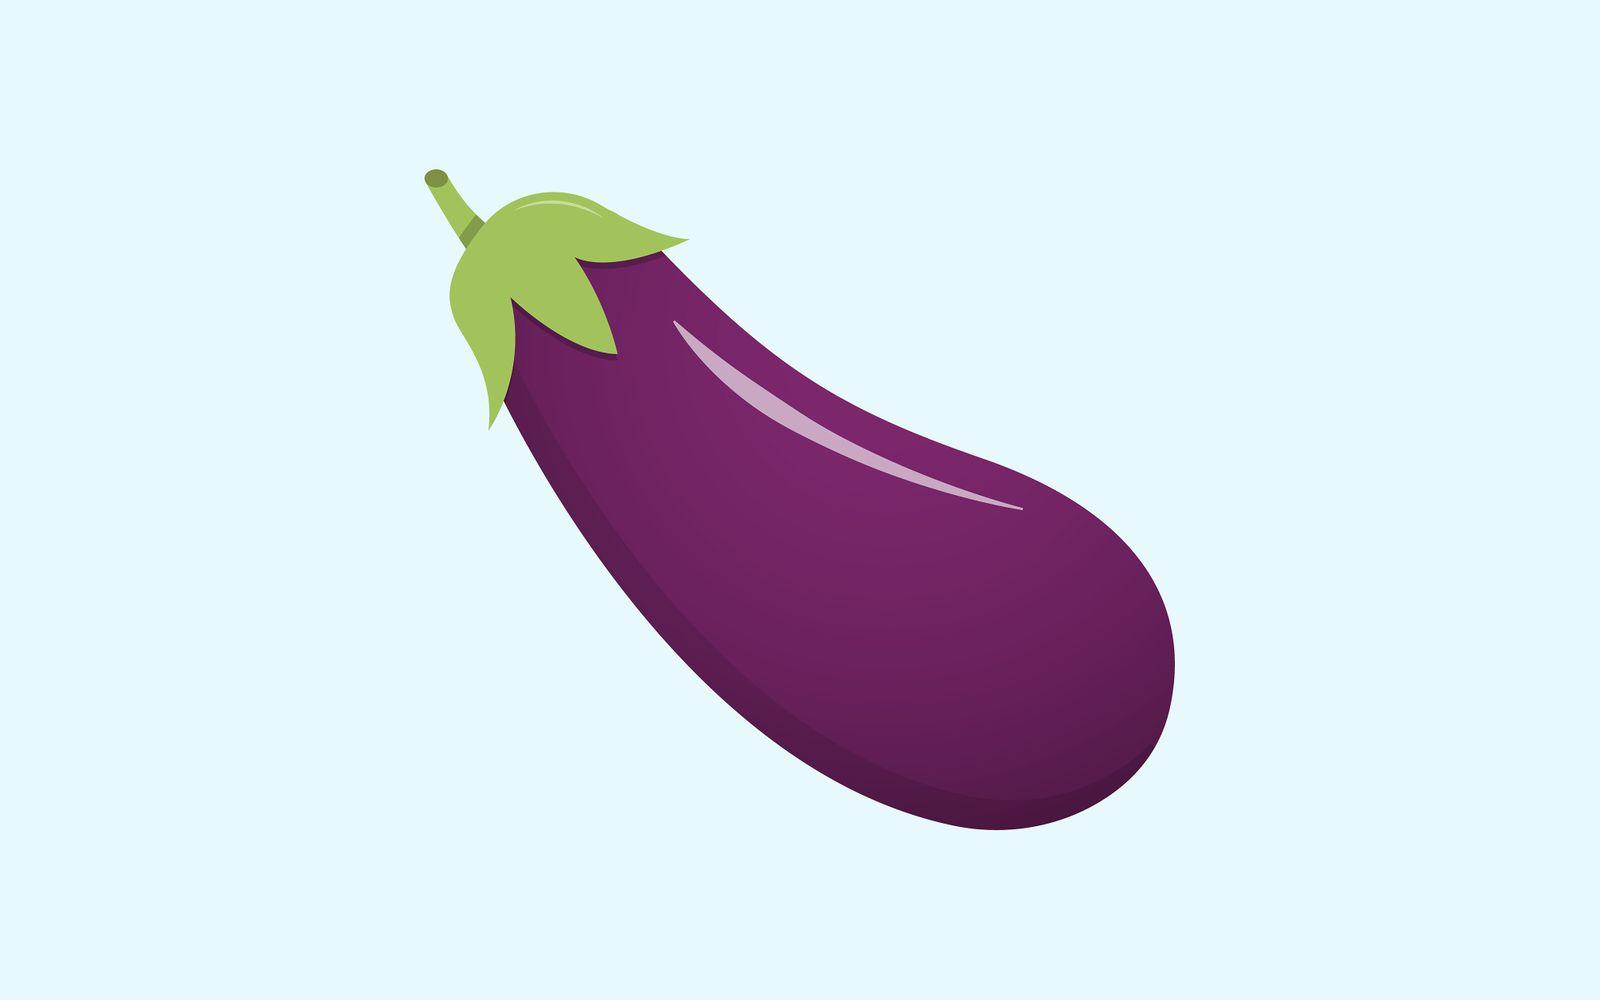 Fresh Eggplant vegetable isolated illustration Icon